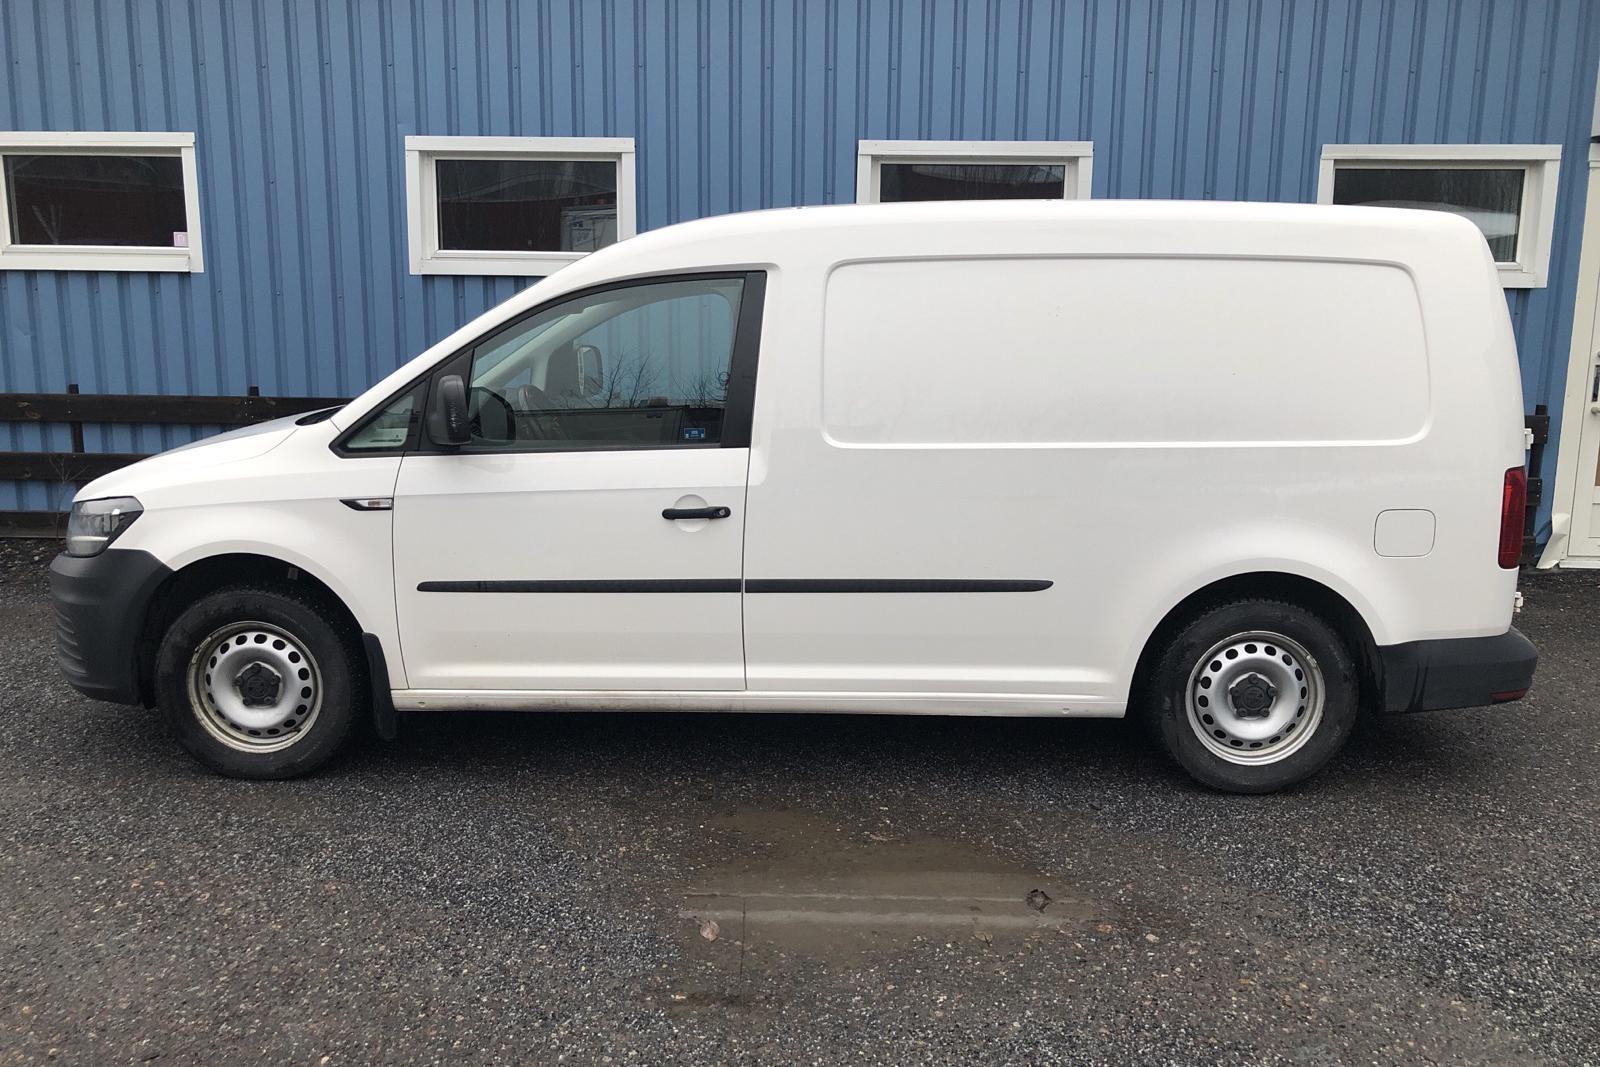 VW Caddy 2.0 TDI Maxi Skåp (102hk) - 12 215 mil - Manuell - vit - 2016